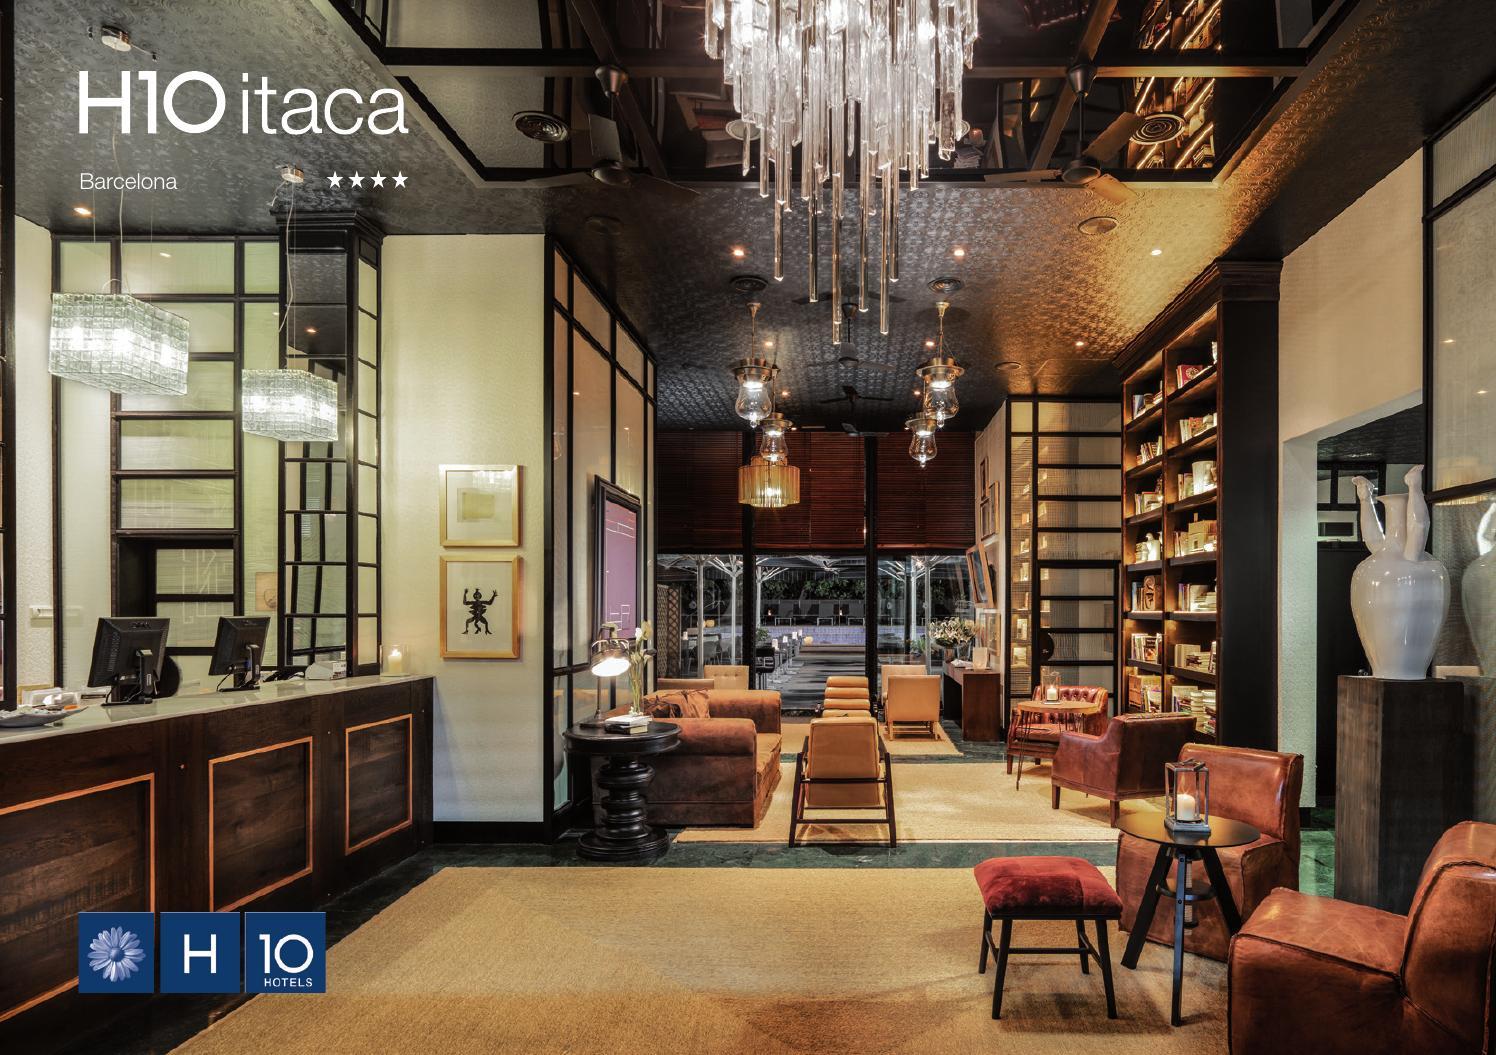 H10 itaca by h10 hotels issuu for Hotel el jardi barcelona